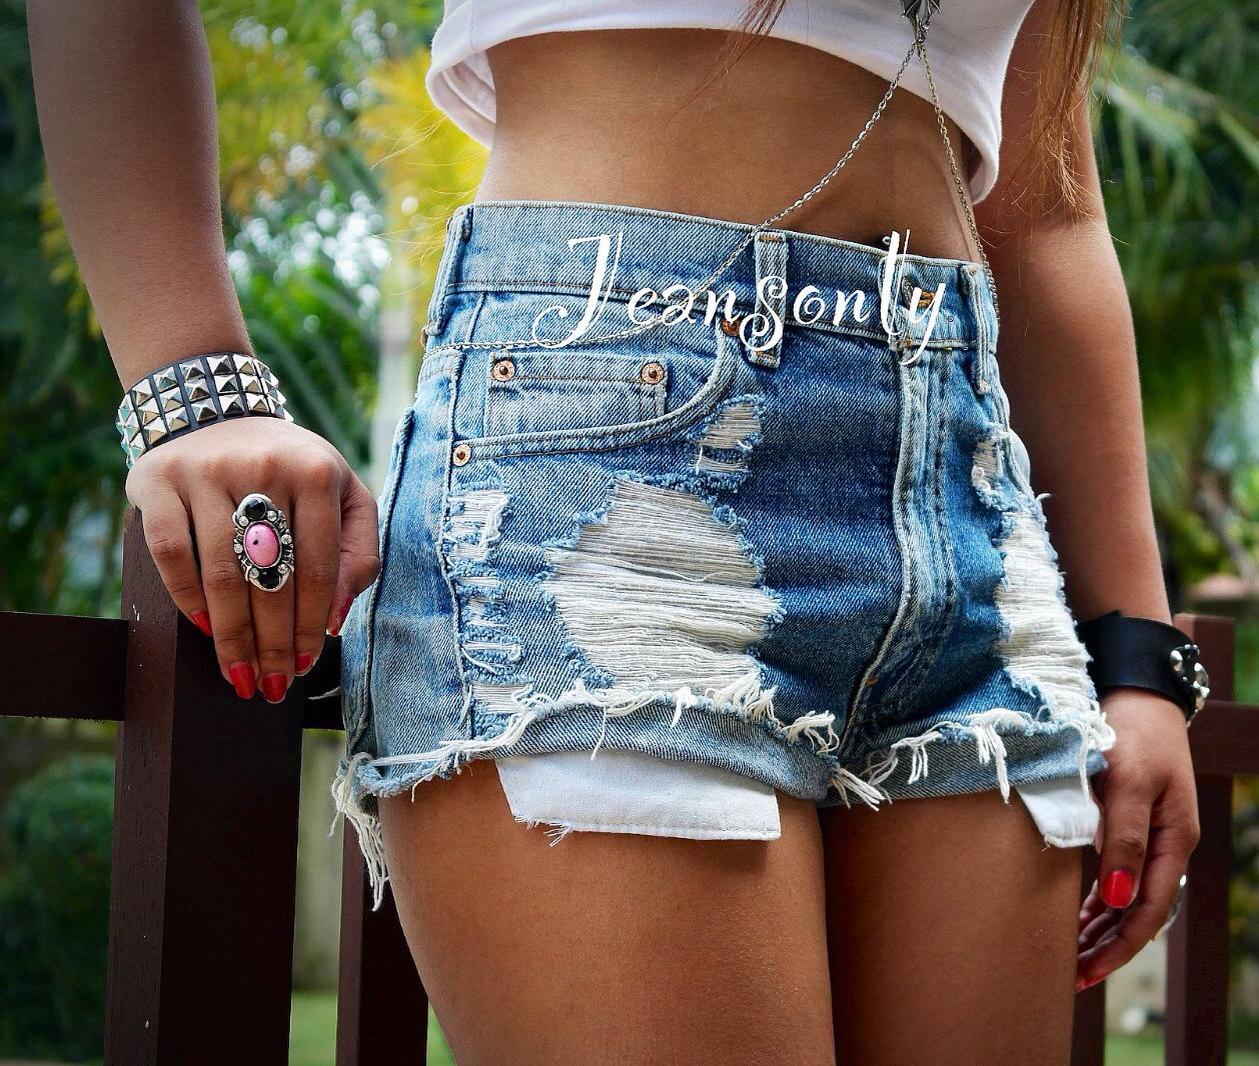 Hohe Taille Shorts notleidenden abgeschnitten Shorts Denim Grunge Hipster Tumblr von Jeansonly